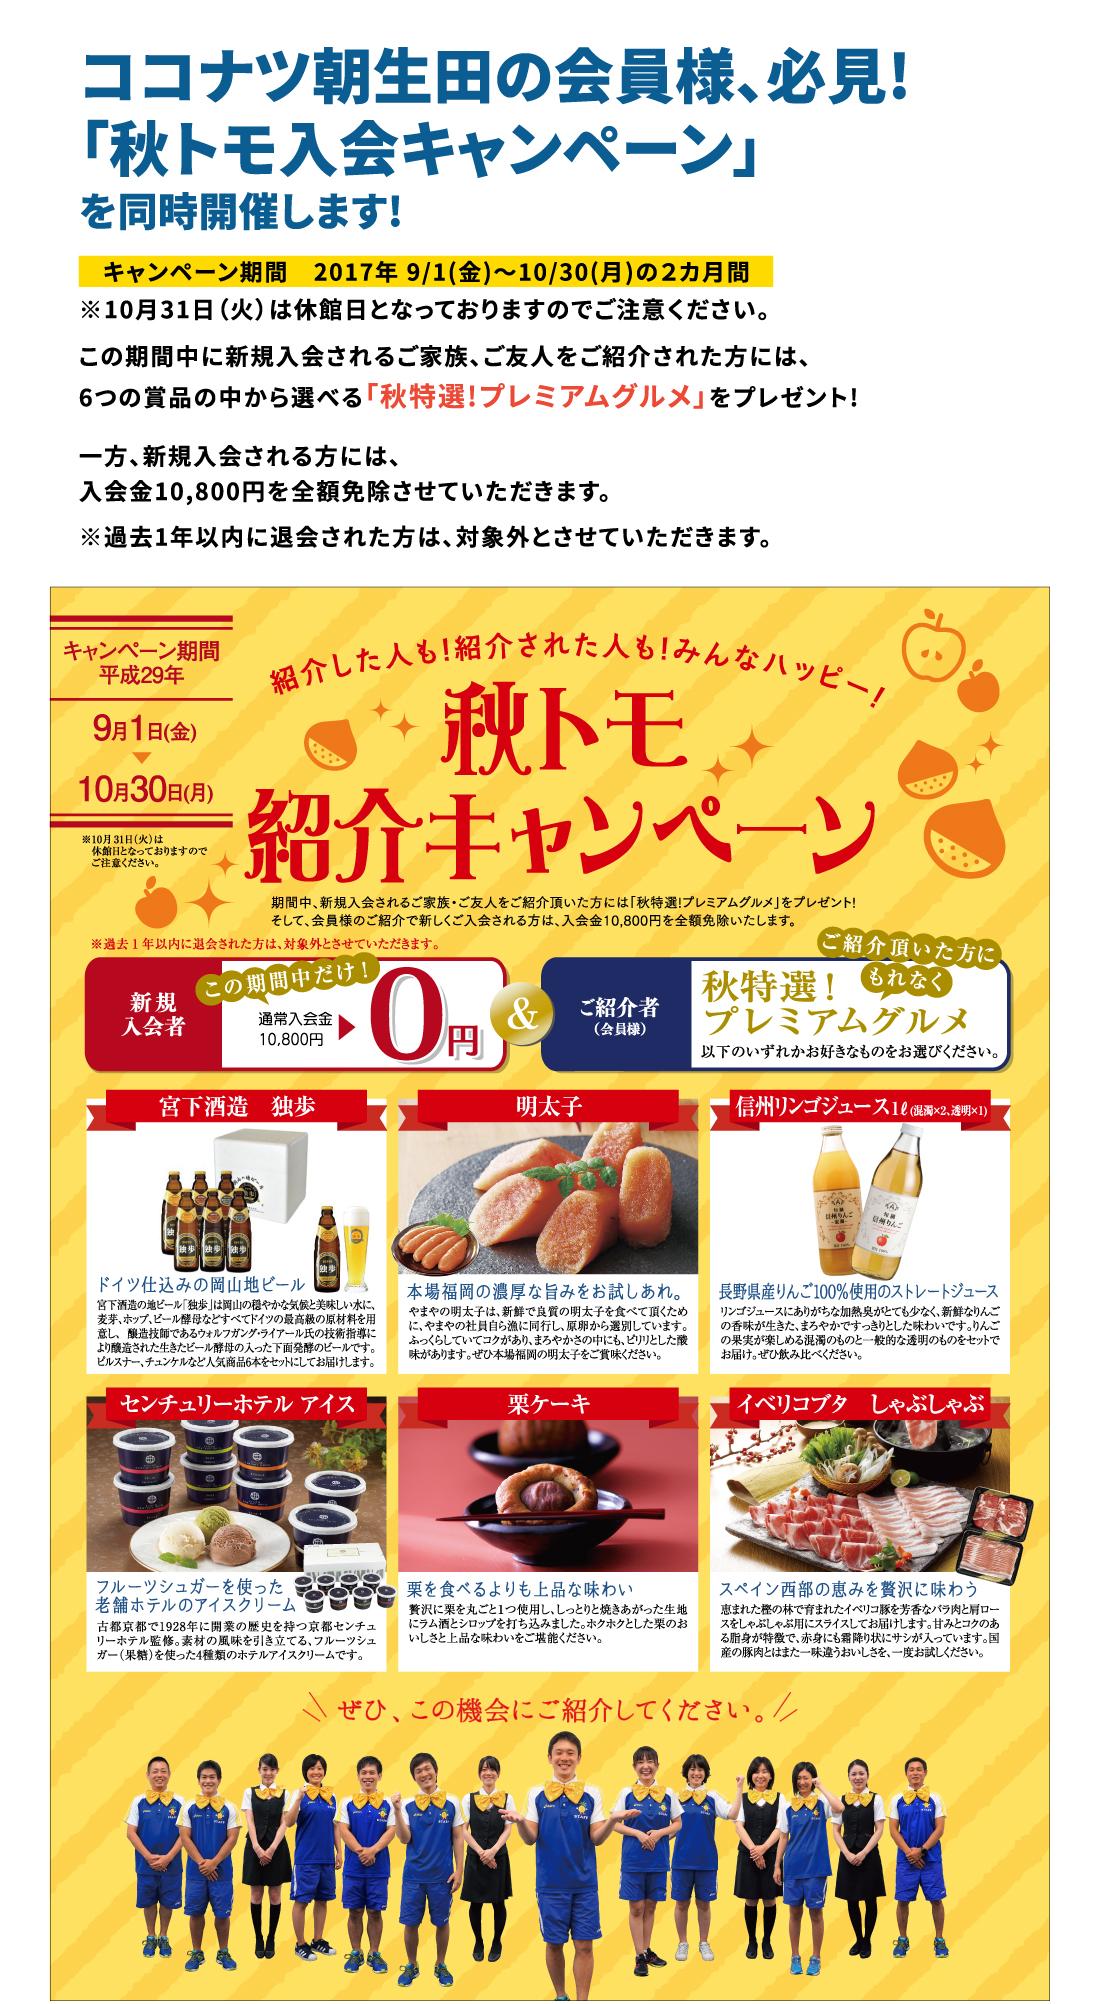 紹介キャンペーン下層ページ